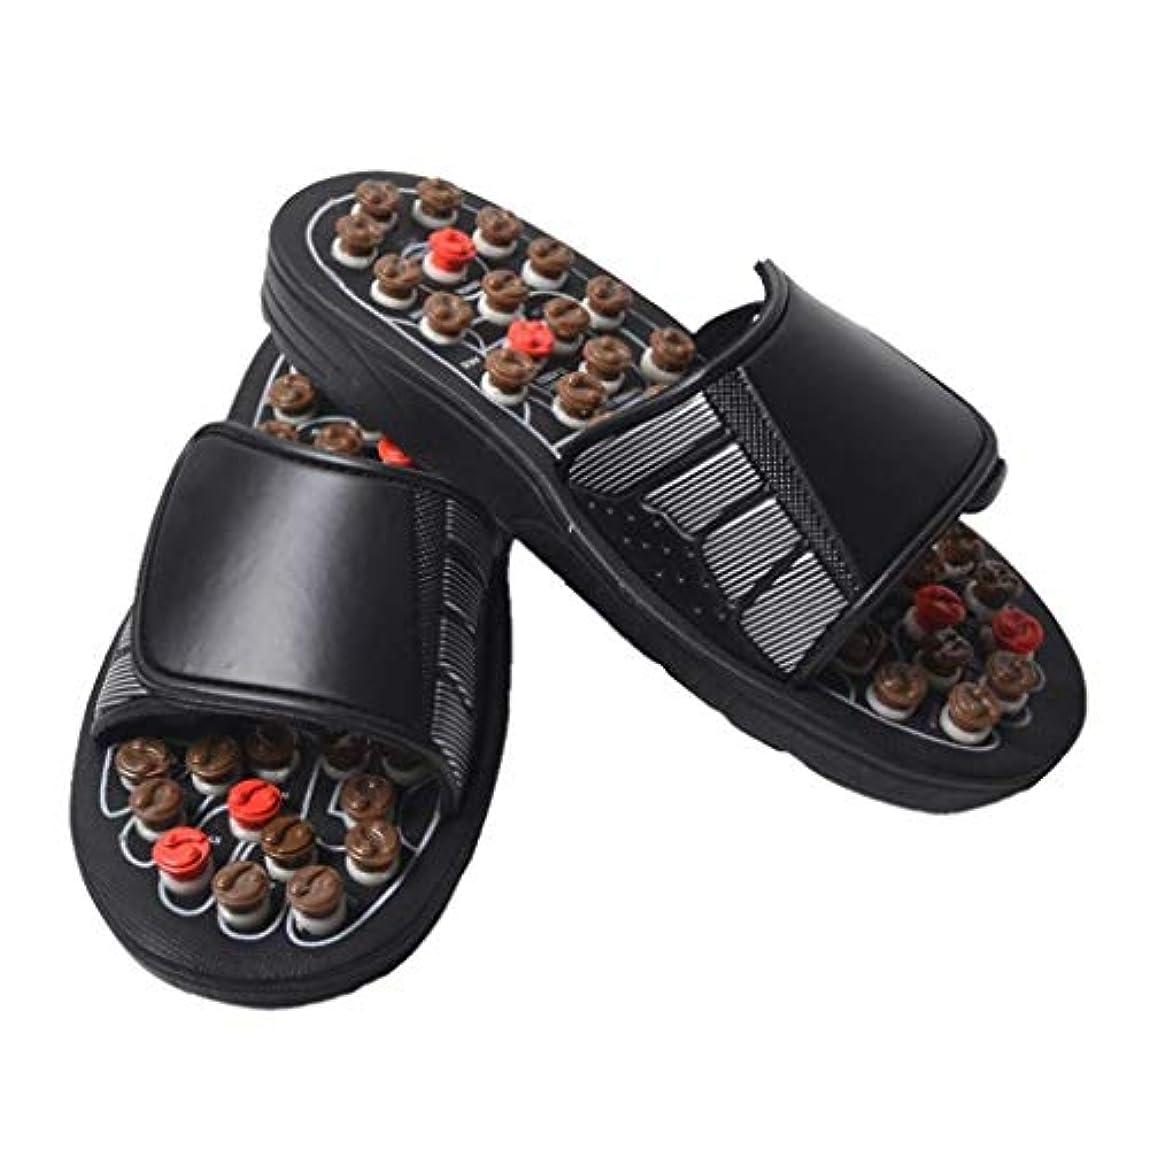 官僚病弱相互接続フットマッサージャー、足底筋膜炎用の取り外し可能な回転鍼ポイント、滑り止めスリッパ、フットマッサージ、サンダル、指圧マッサージ、男性/女性に適しています (Color : Brown, Size : 43)